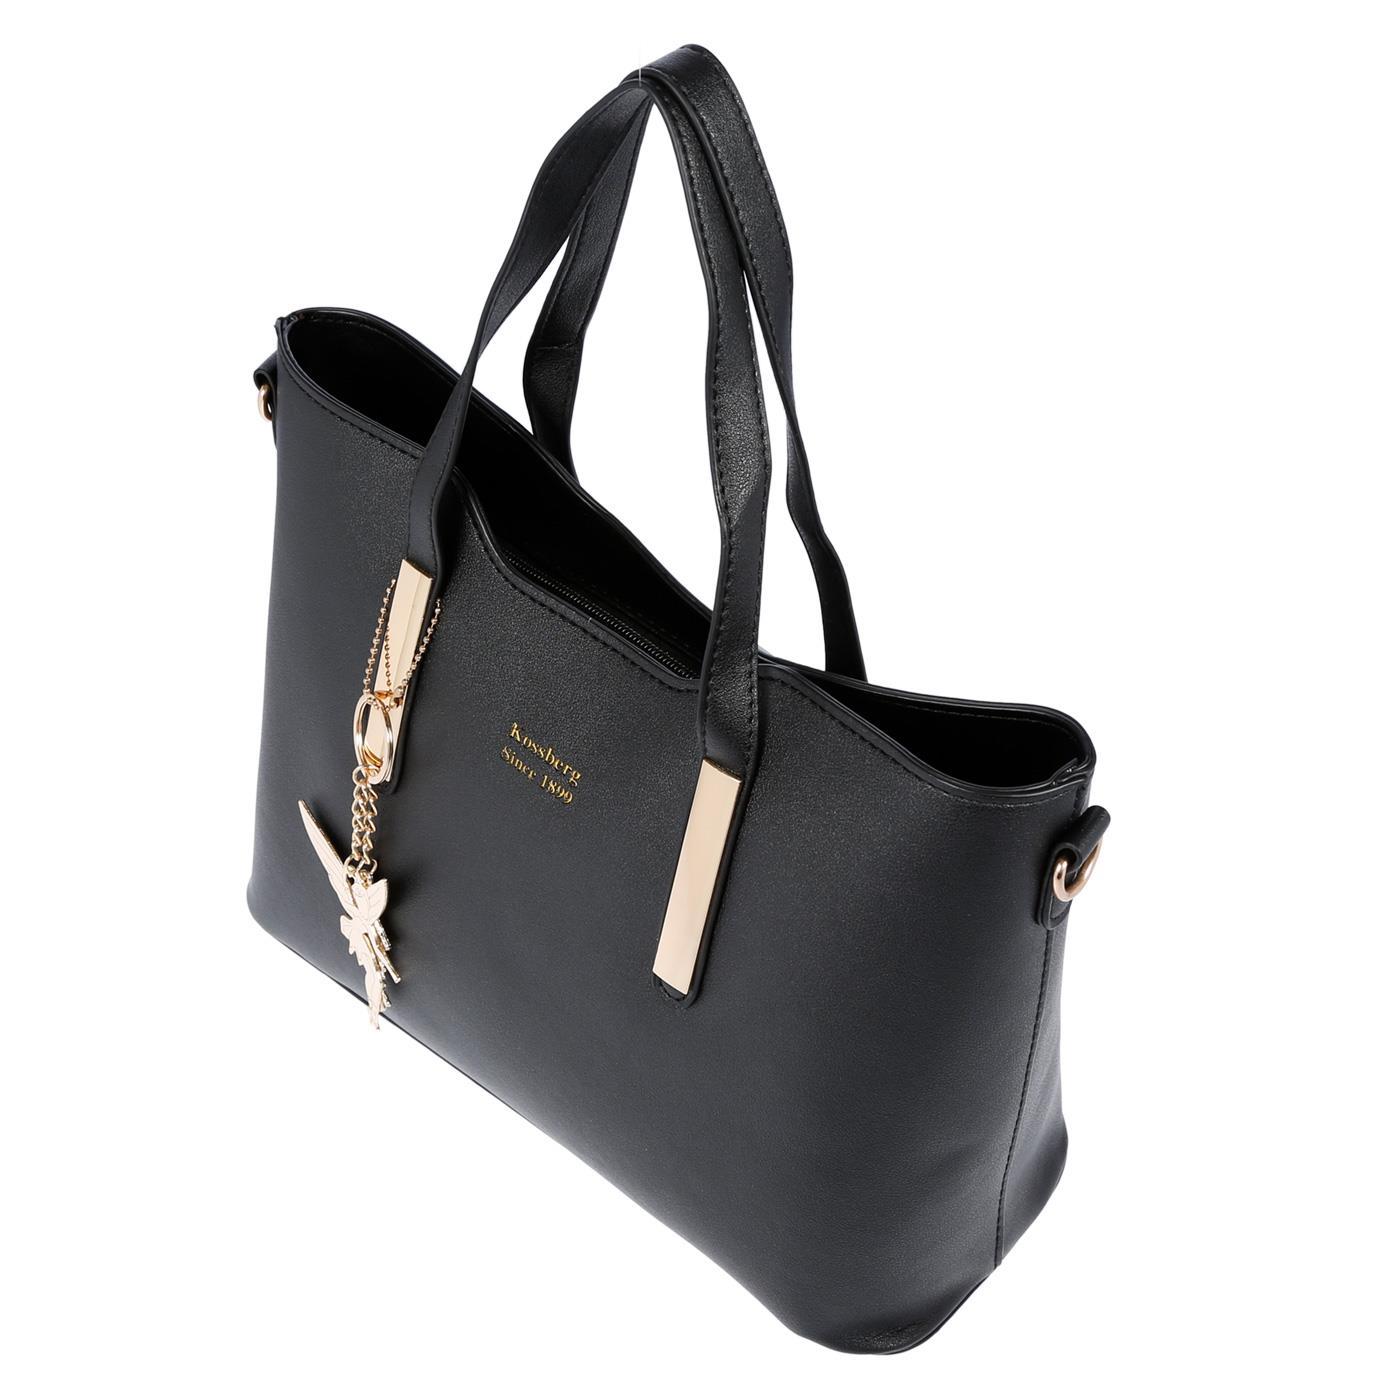 Kossberg-Damen-Tasche-Henkeltasche-Schultertasche-Umhaengetasche-Leder-Optik-Bag Indexbild 21